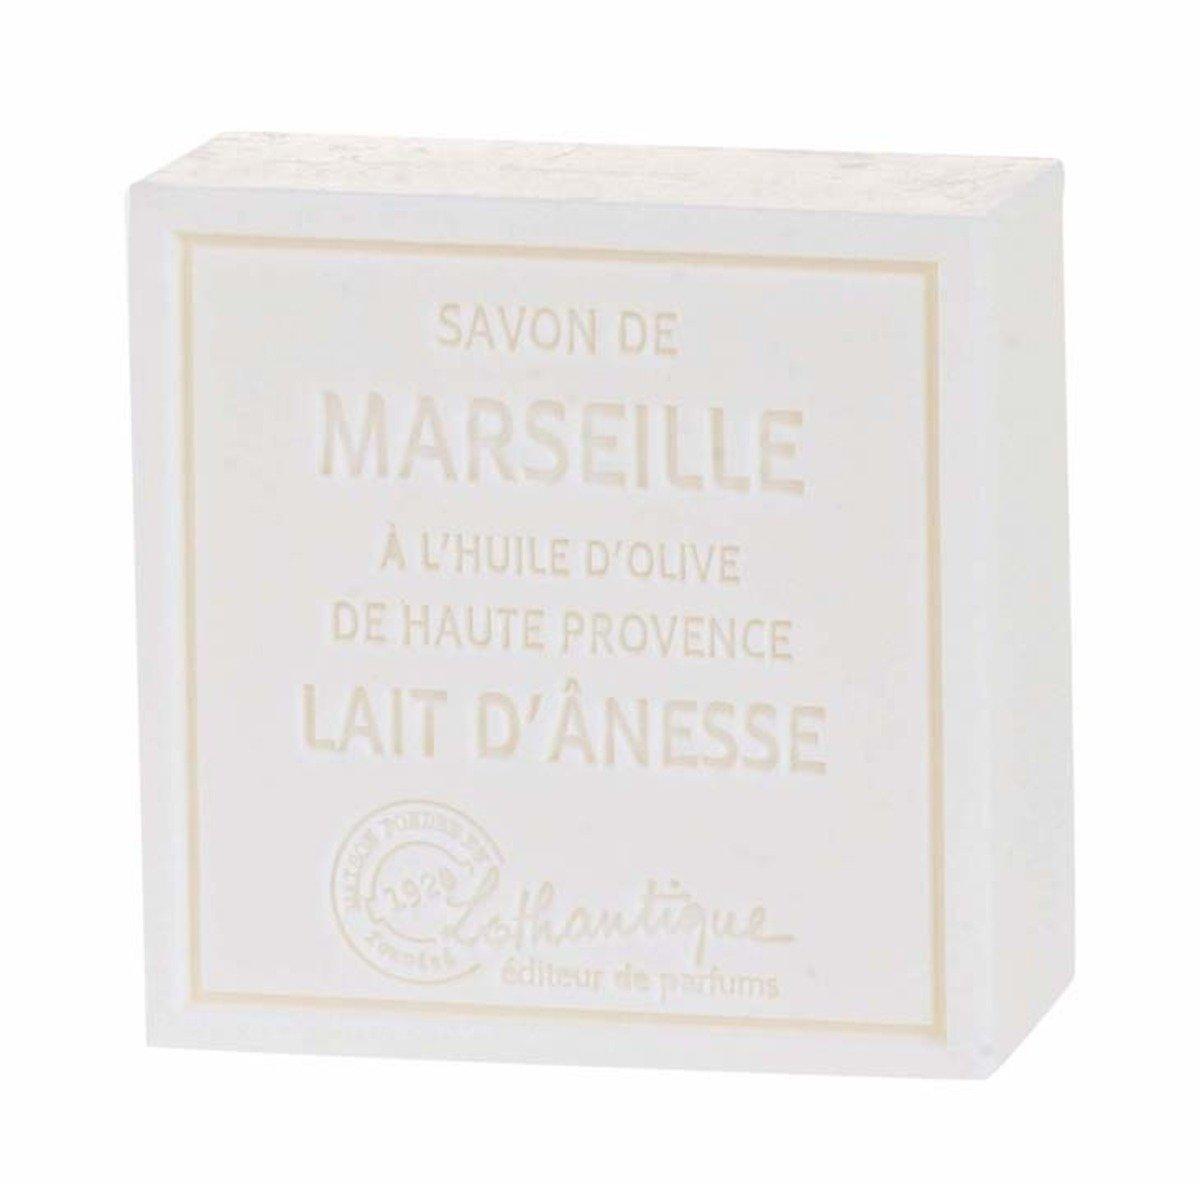 法國馬賽肥皂 - 驢乳